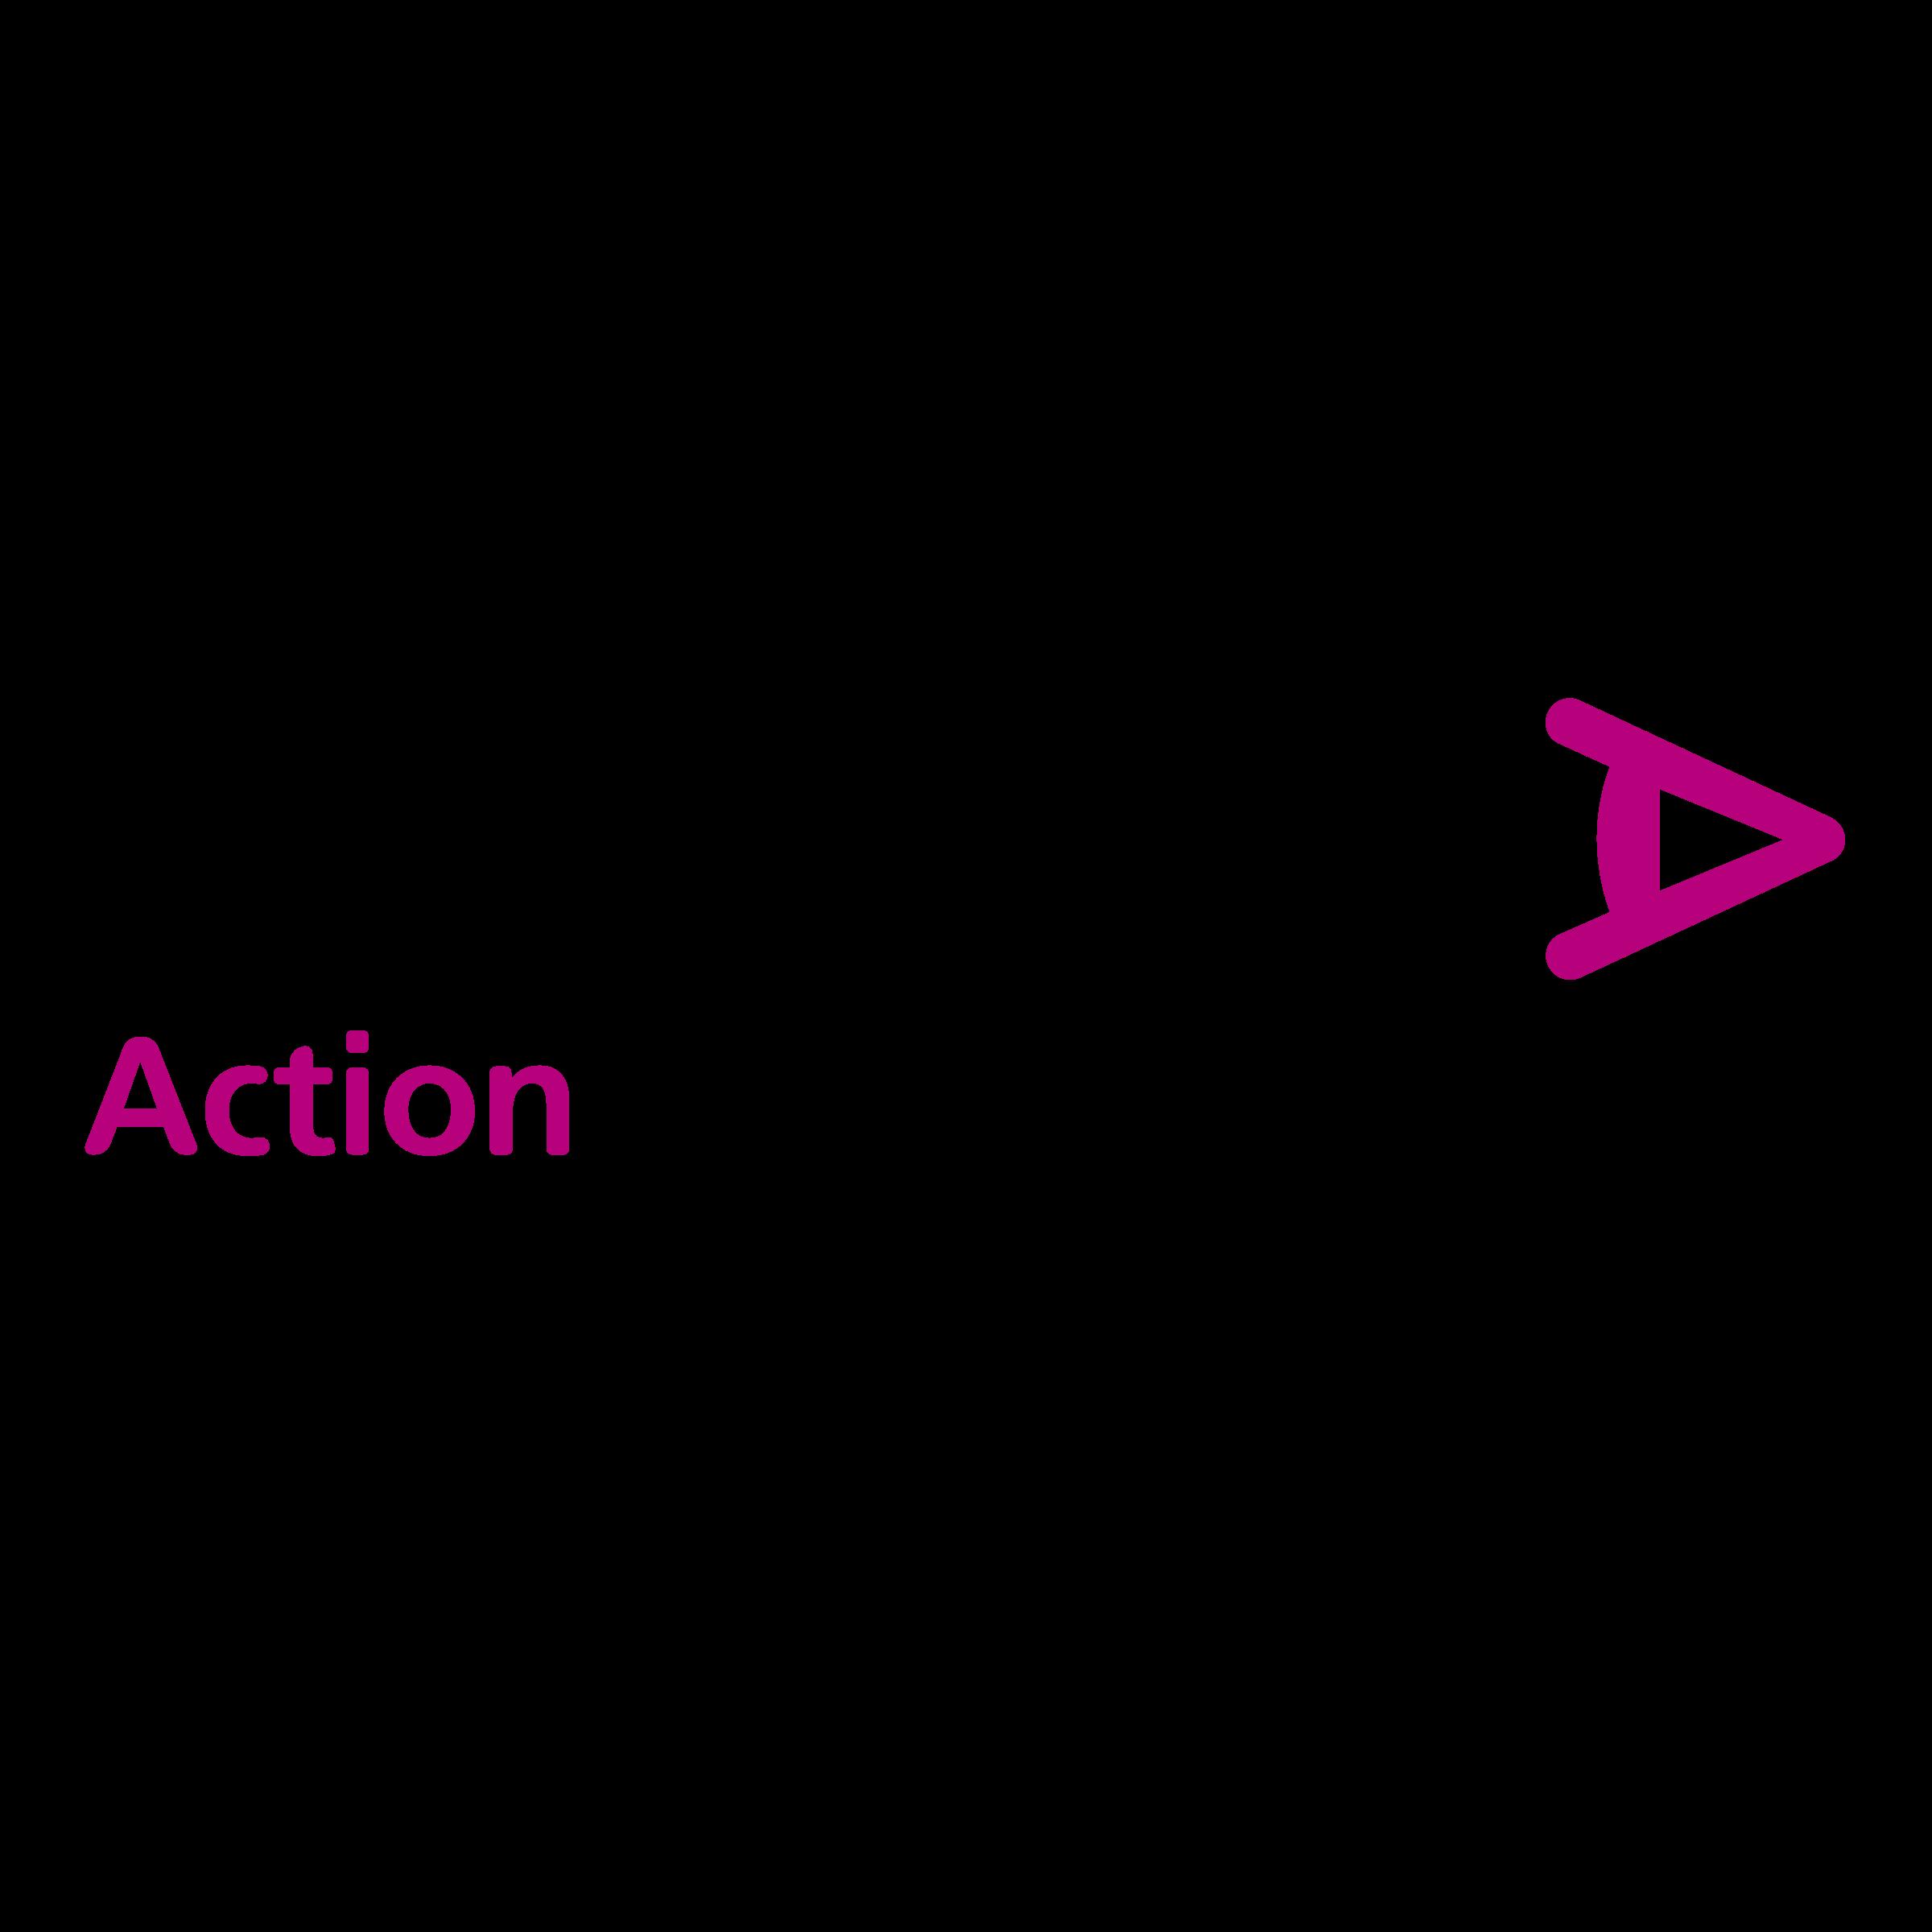 Action for Blind People Logo PNG Transparent & SVG Vector ...